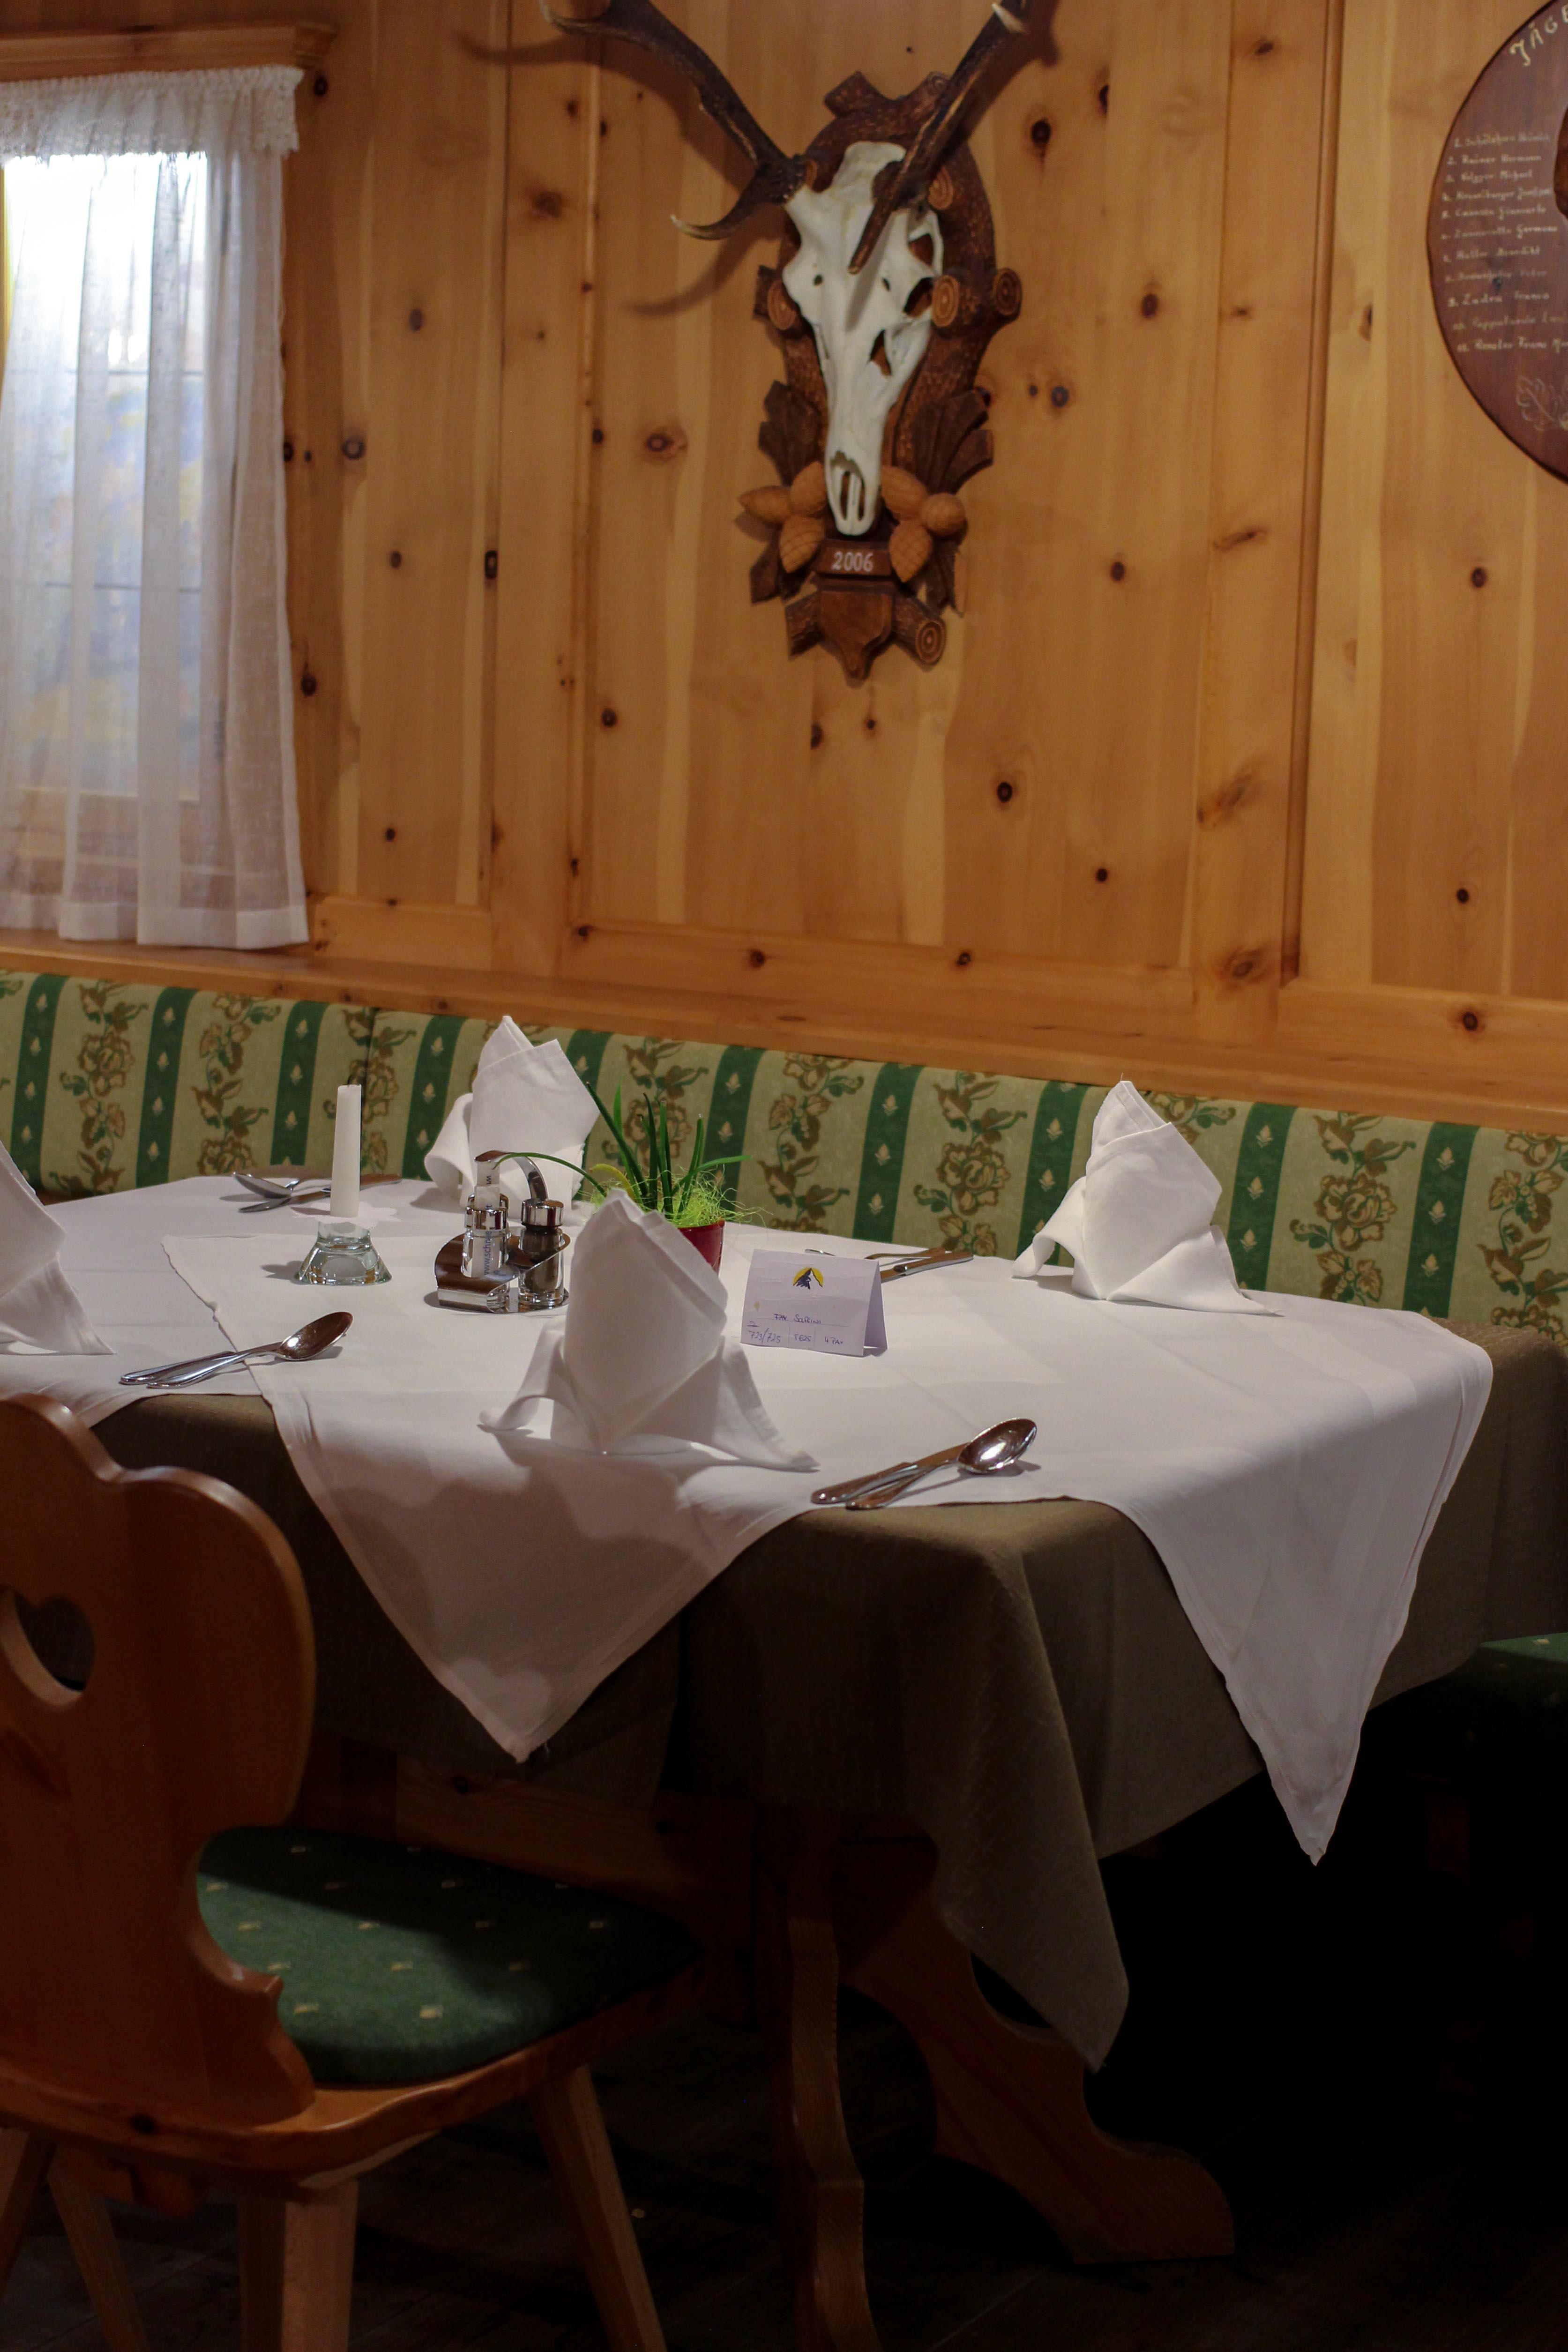 Südtirol Hotel Schneeberg Resort Spa Frühstück rustikal modernes Restaurant Holz Dinner Tisch Italien Wellnesshotel Reiseblog Wellnessurlaub Kurzurlaub Hotelempfehlung Skiurlaub